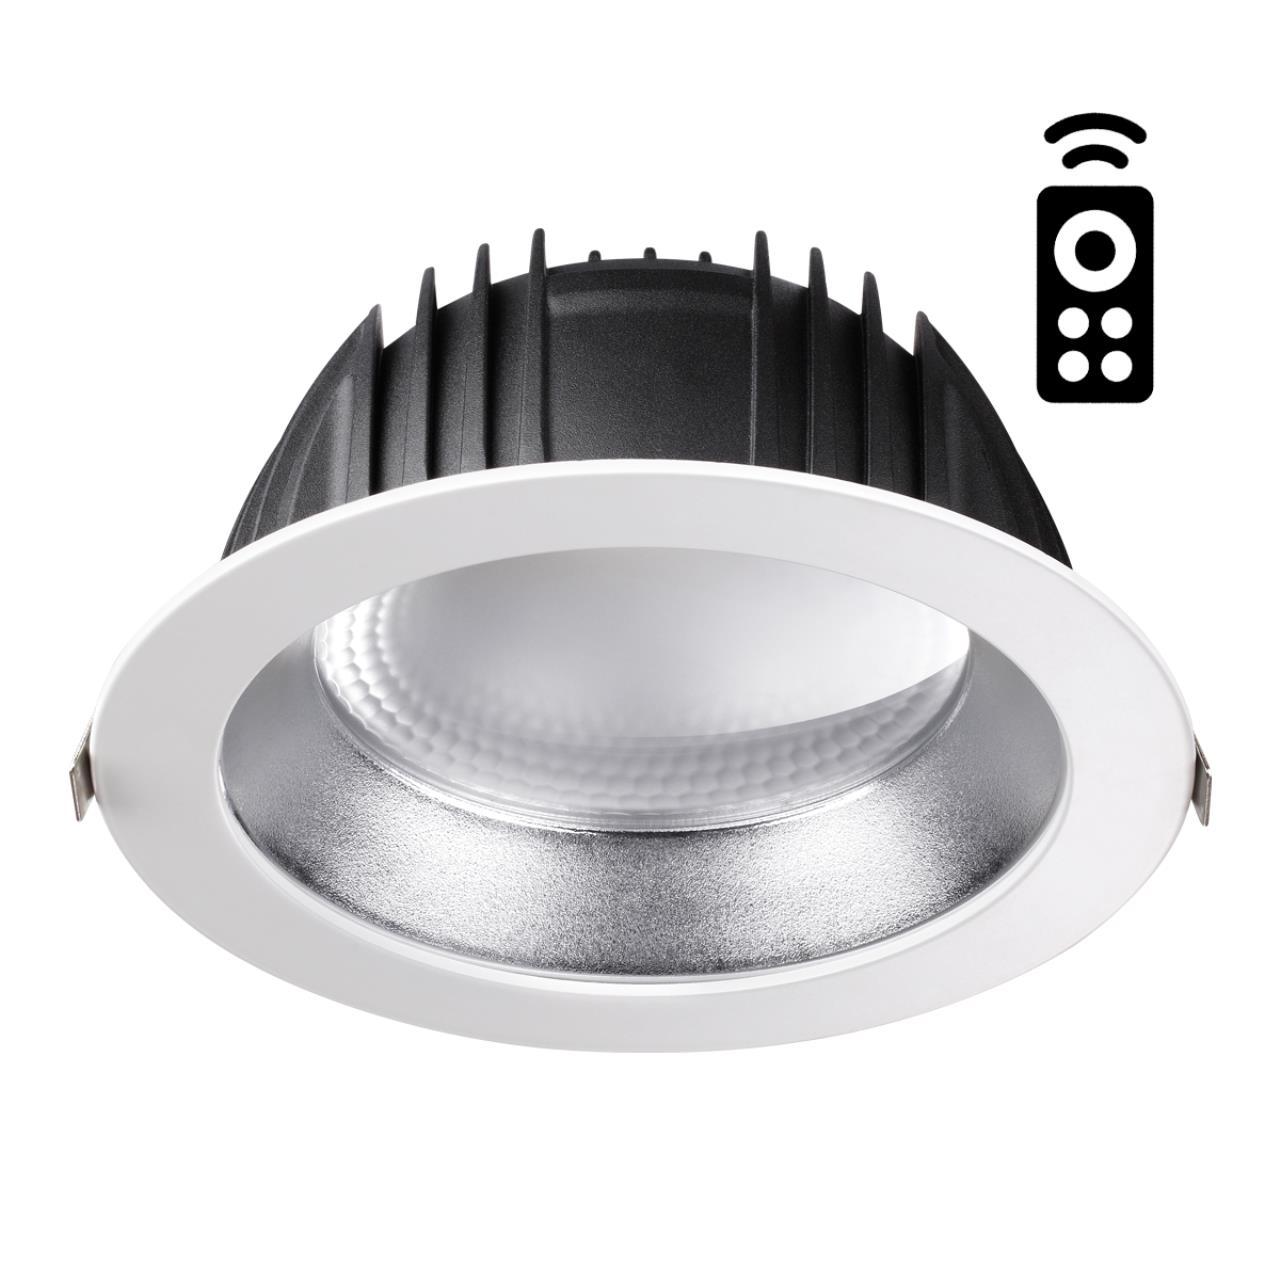 358336 SPOT NT19 000 белый/серебро Встраиваемый диммируемый св-к с пультом ДУ IP20 LED 2700~5000К